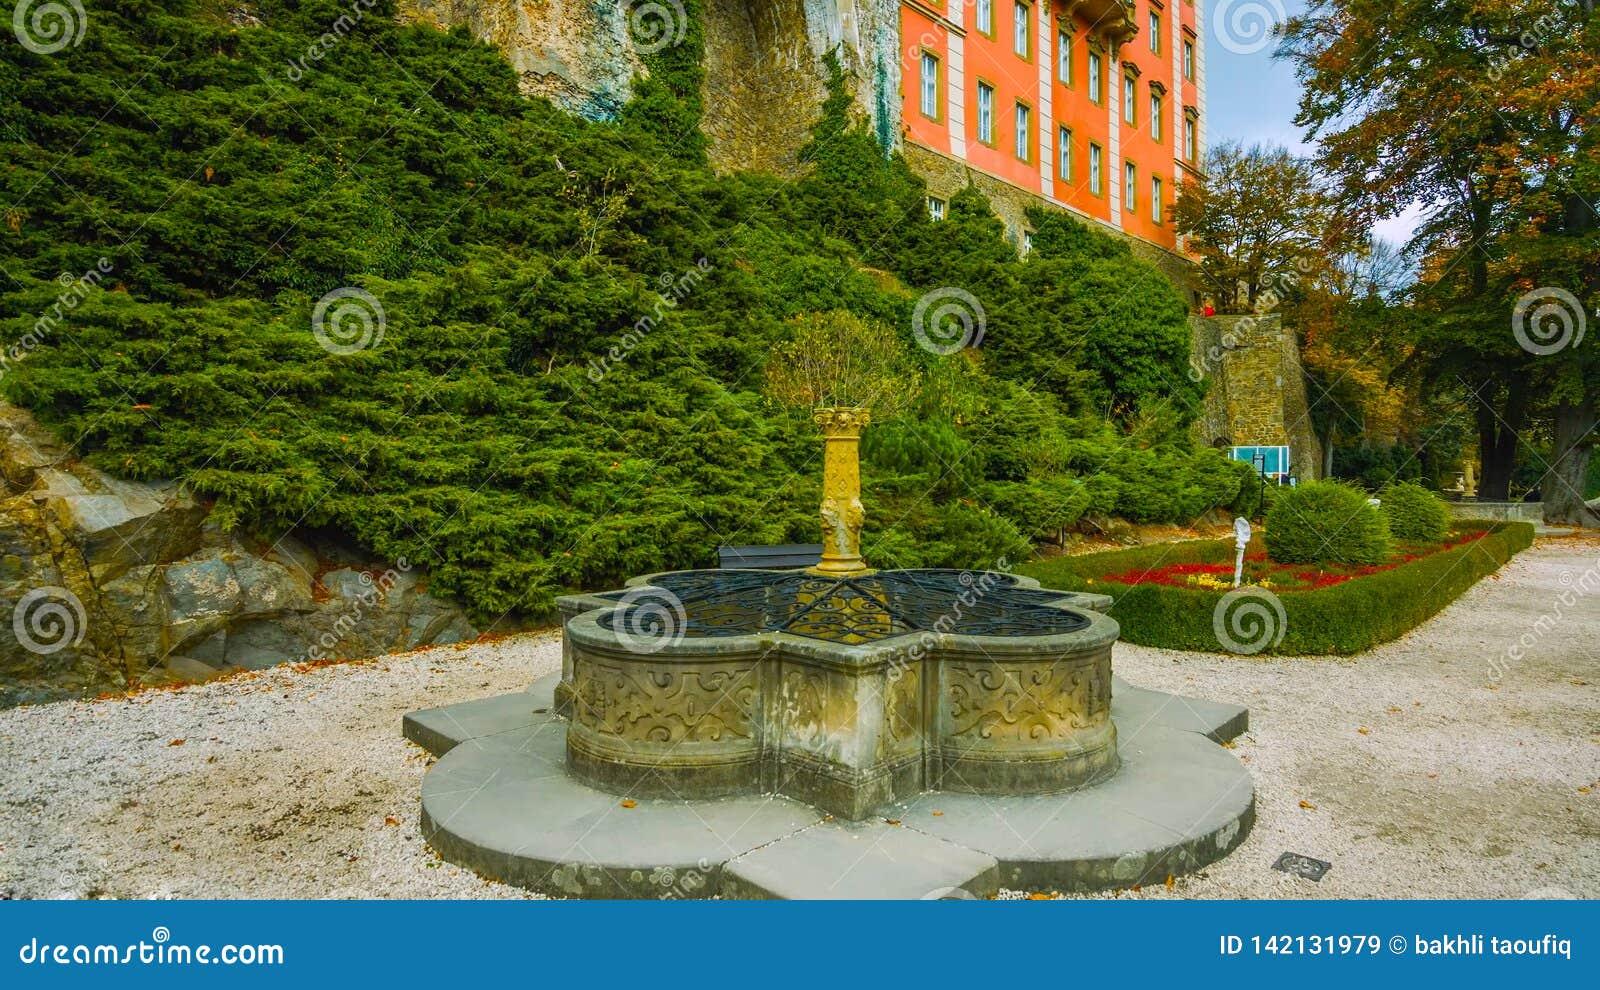 Fontanna w ogródzie w Polska kasztel po środku lasu - przegapiać beaut i drzewa - północ kraj -